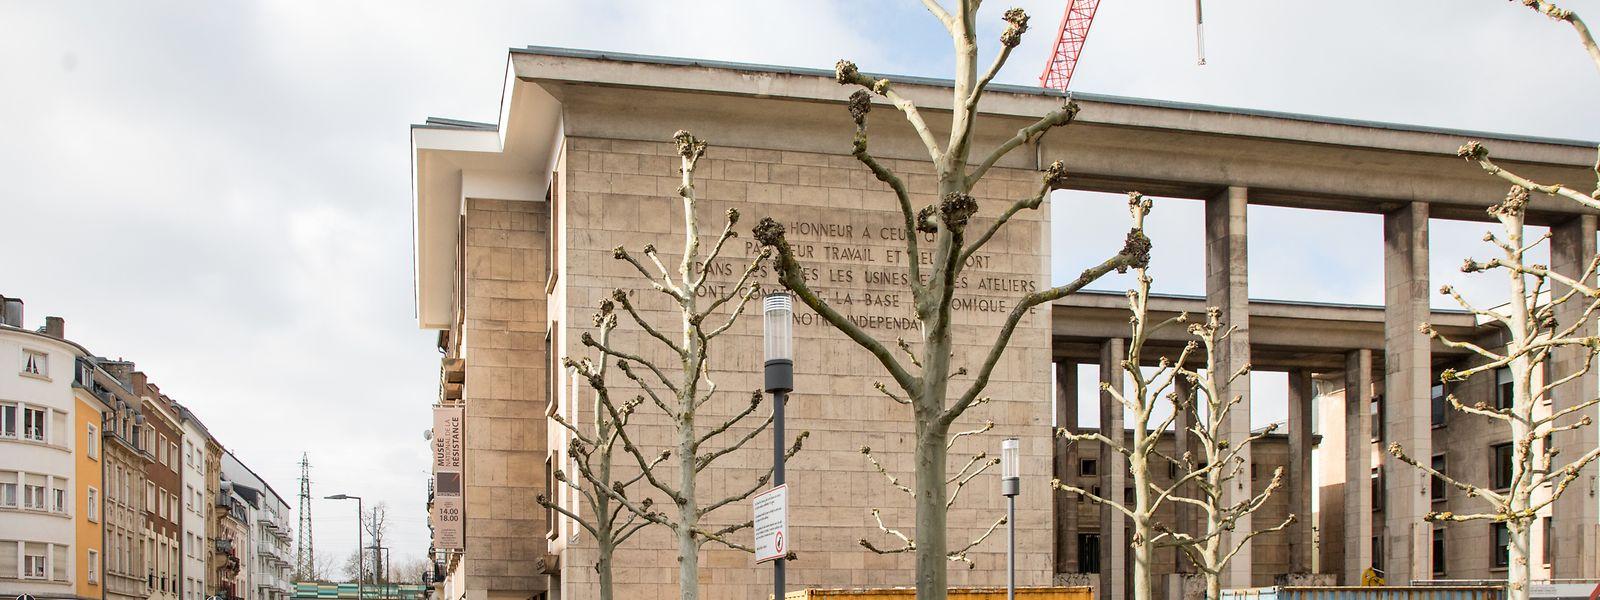 Bei Bauarbeiten am Resistenz-Museum wurden Knochen gefunden.